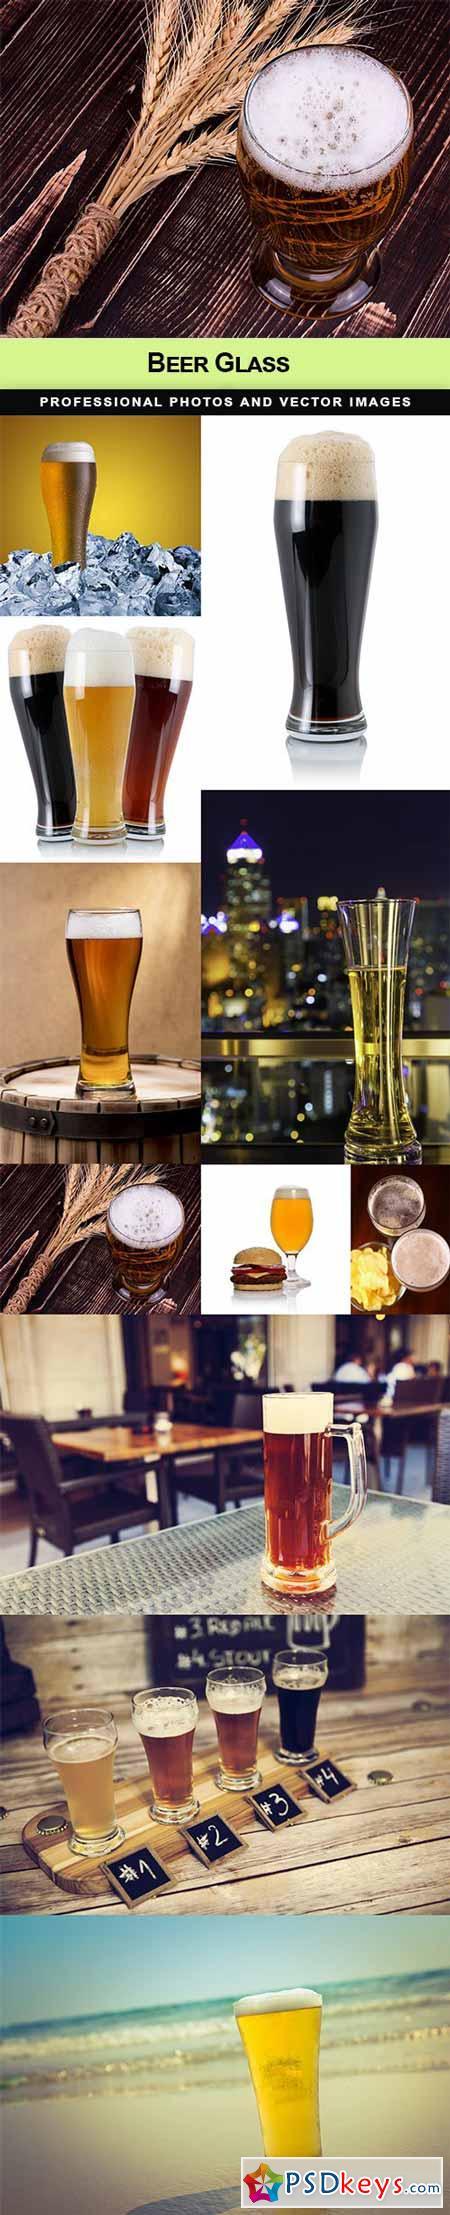 Beer Glass - 11 UHQ JPEG